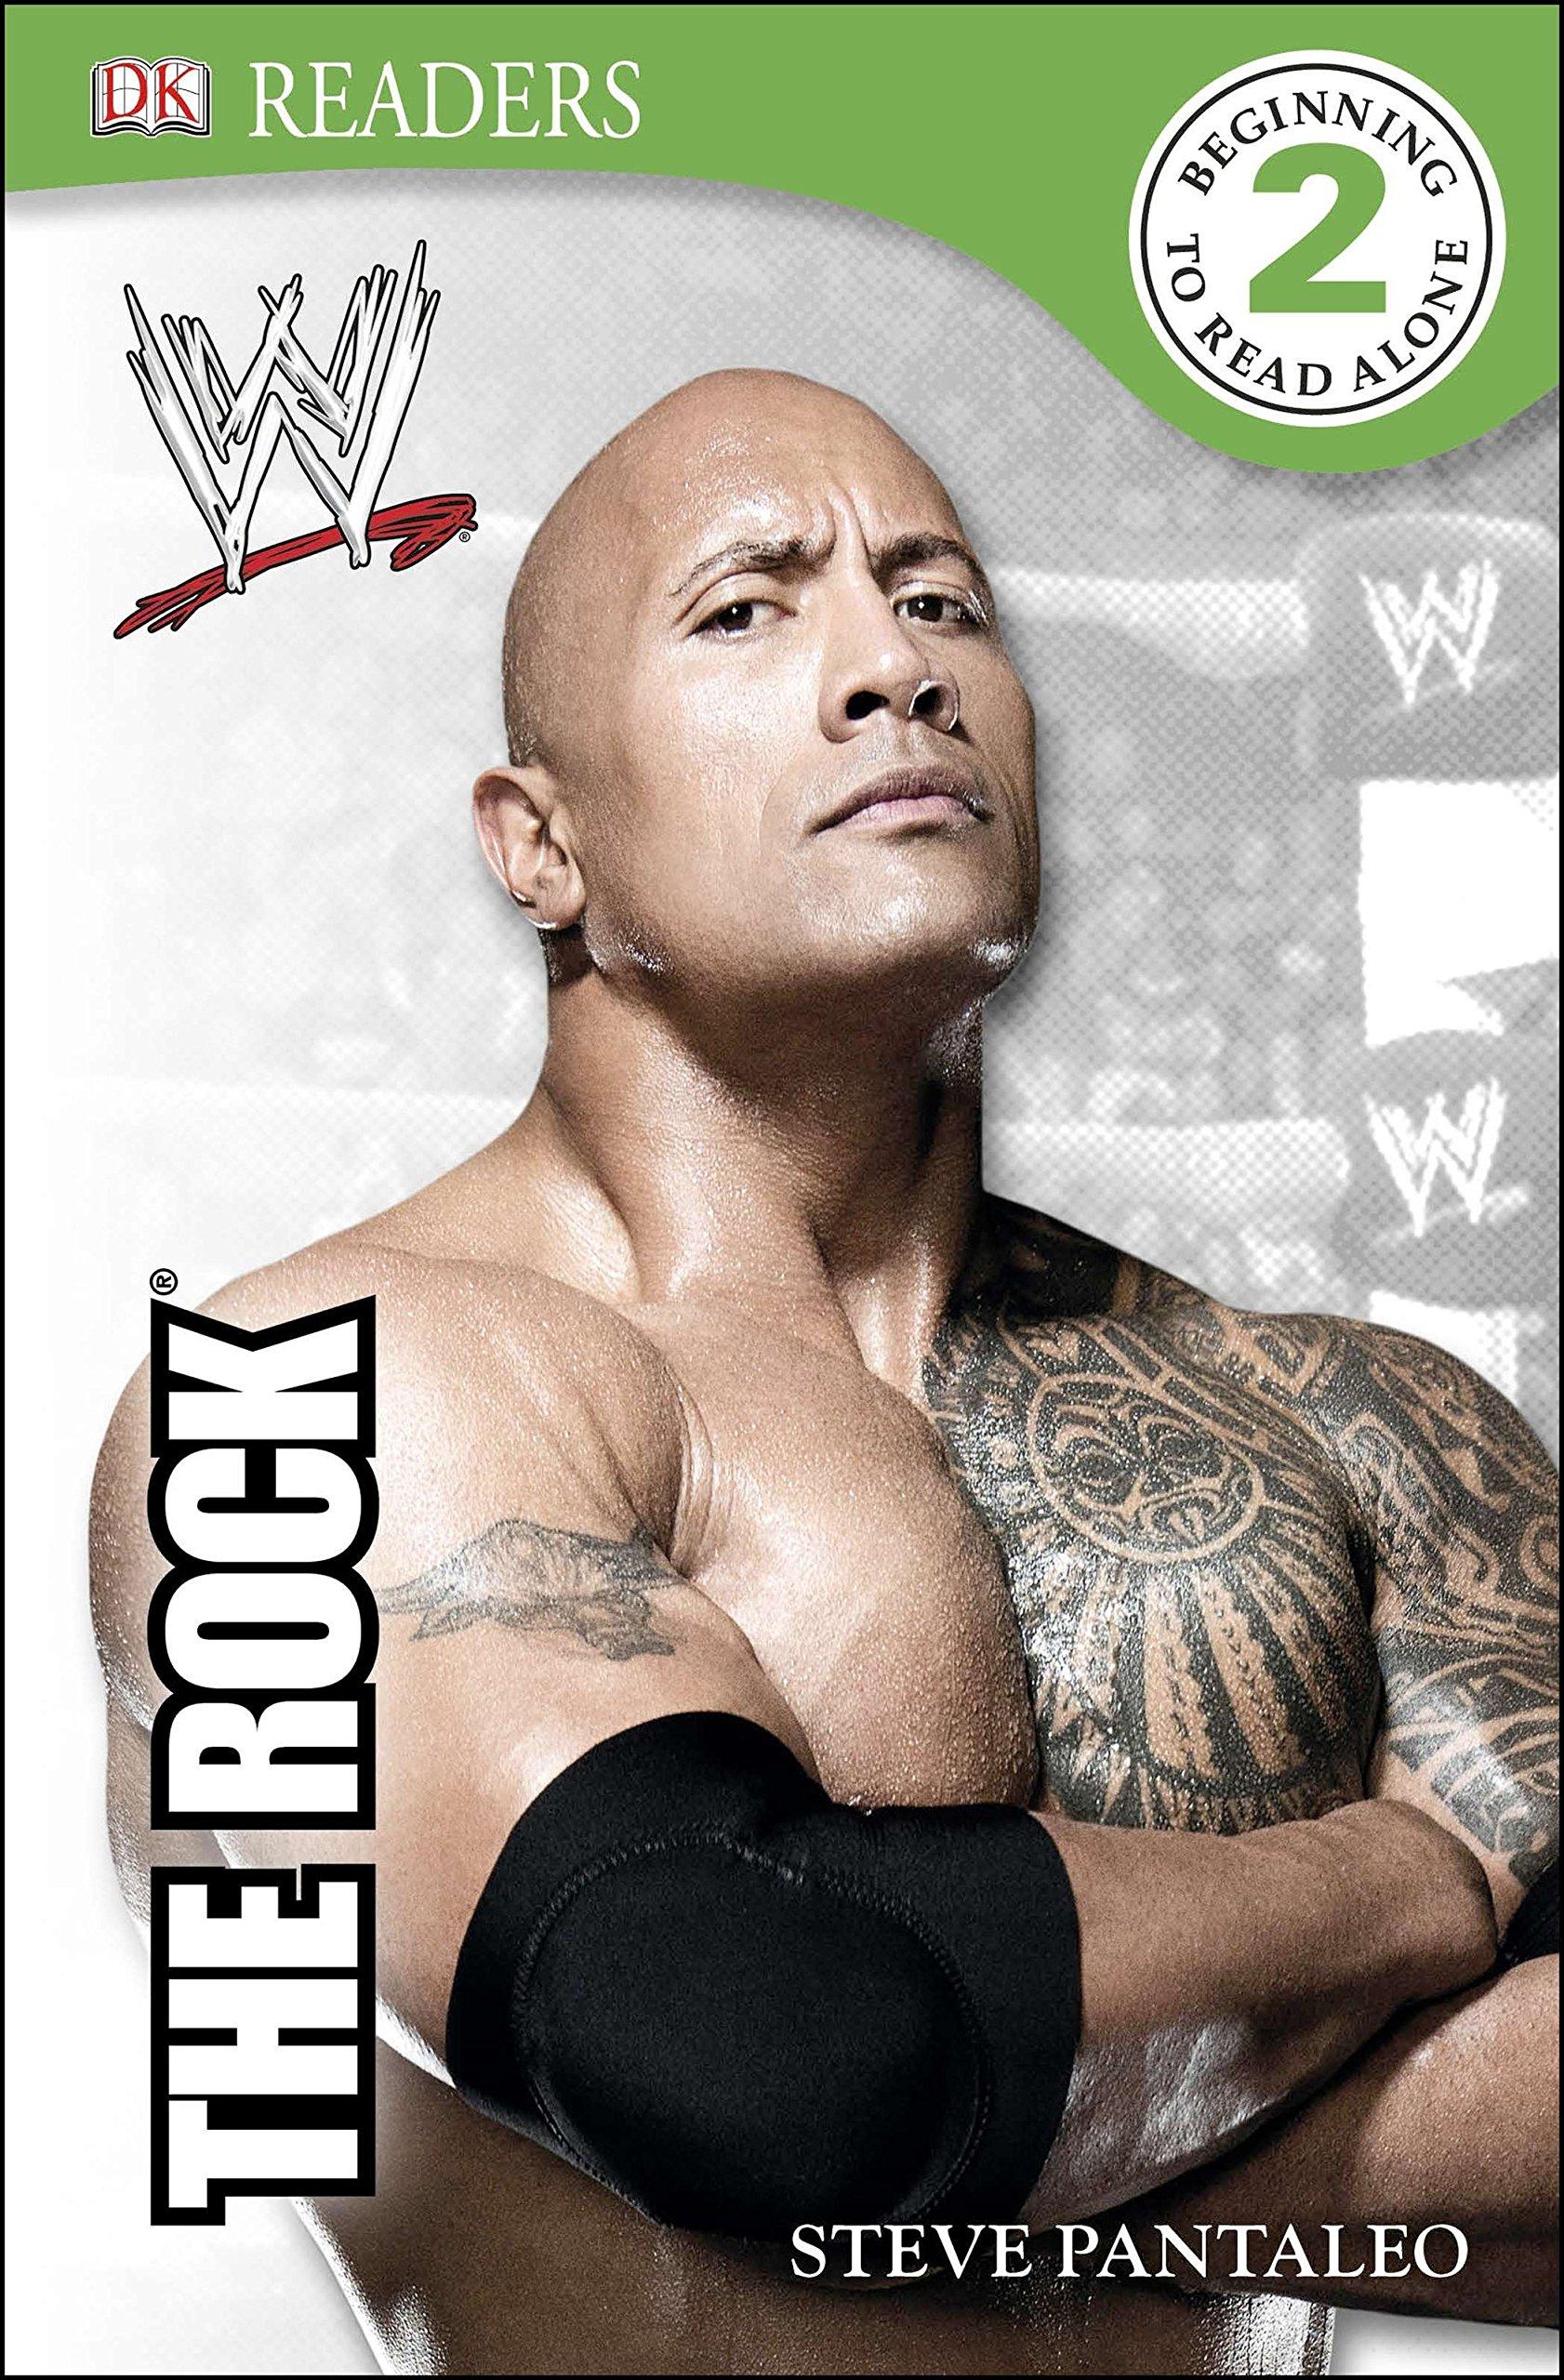 DK Reader Level 2- WWE The Rock WWE- DK Readers Level 2  ebook by Steven Pantaleo